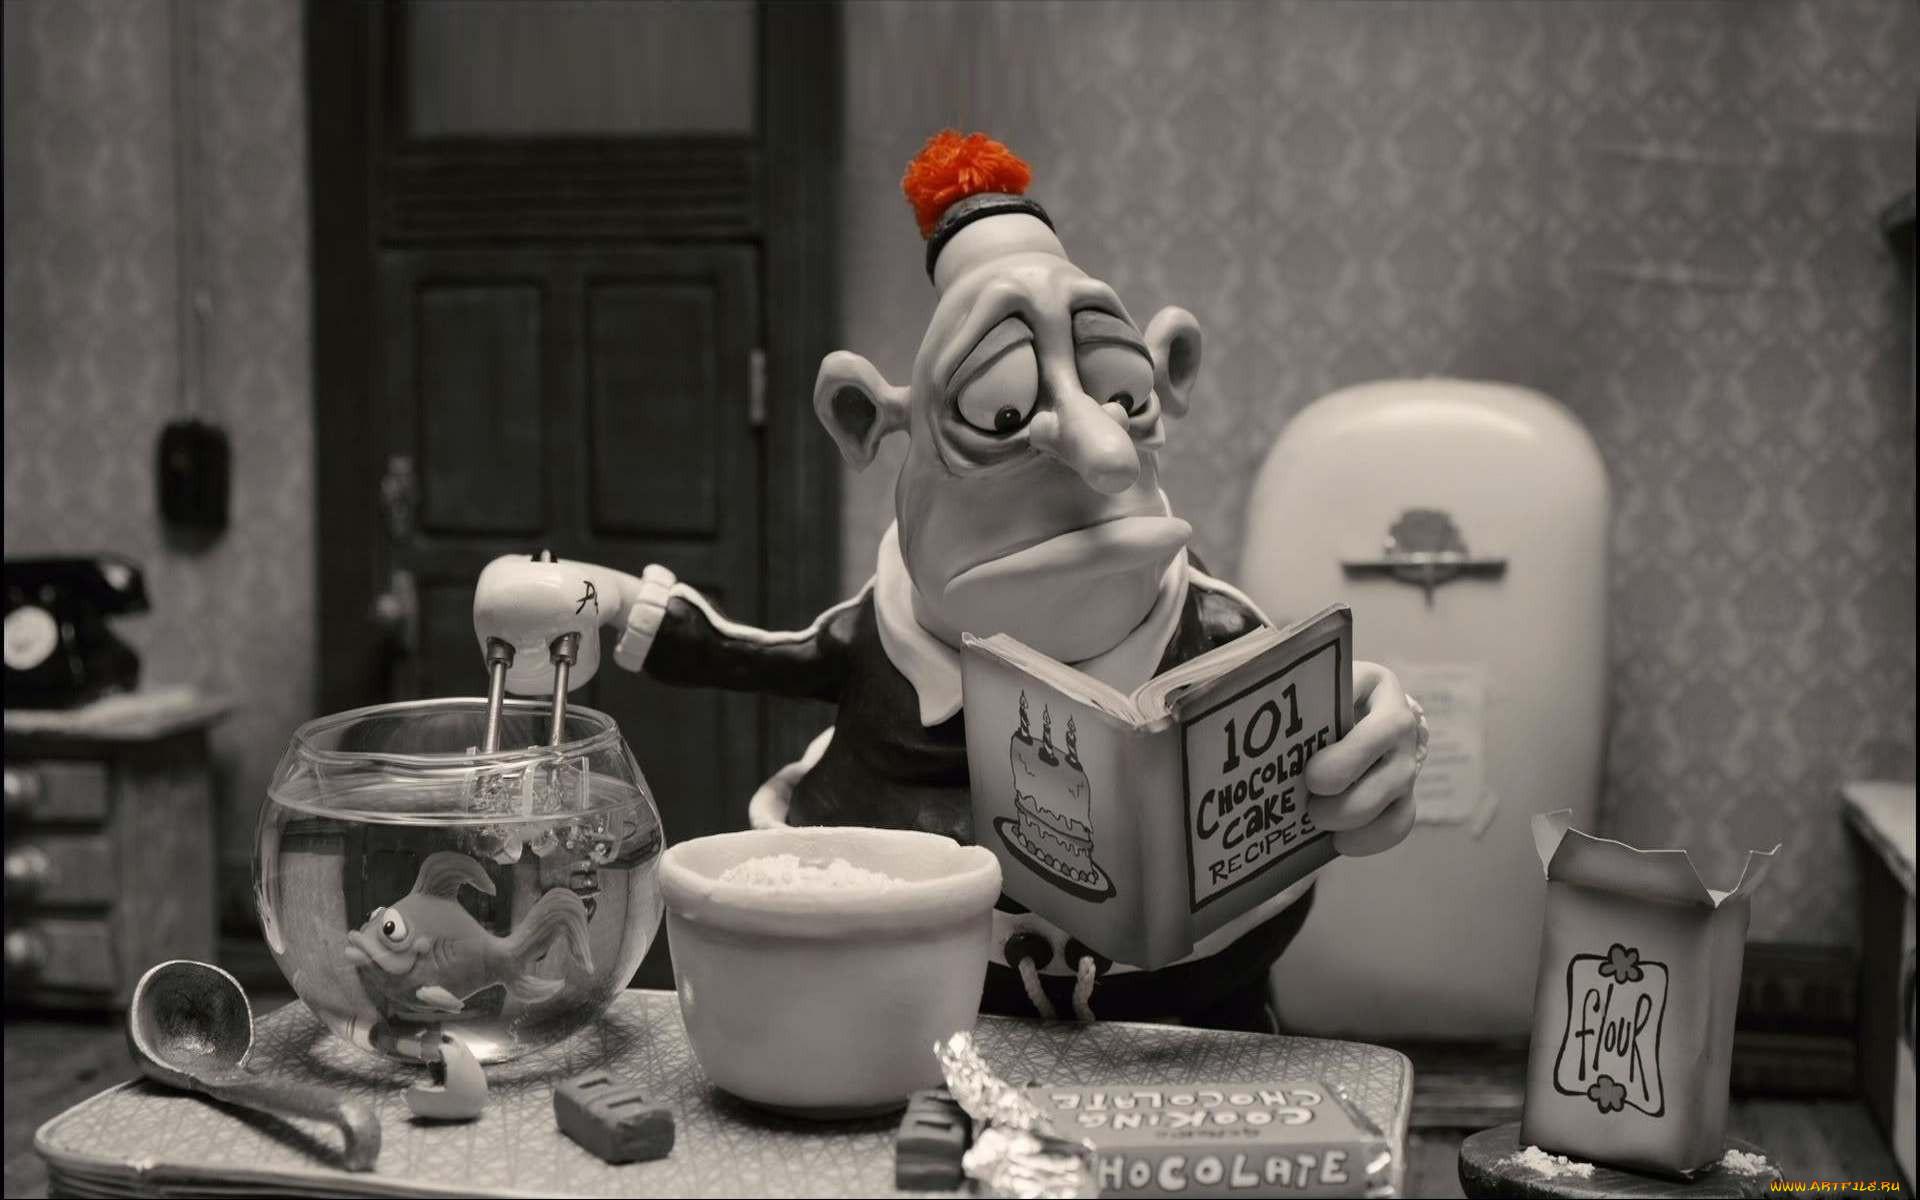 мультфильмы, mary and max, рыбка, кухня, книга